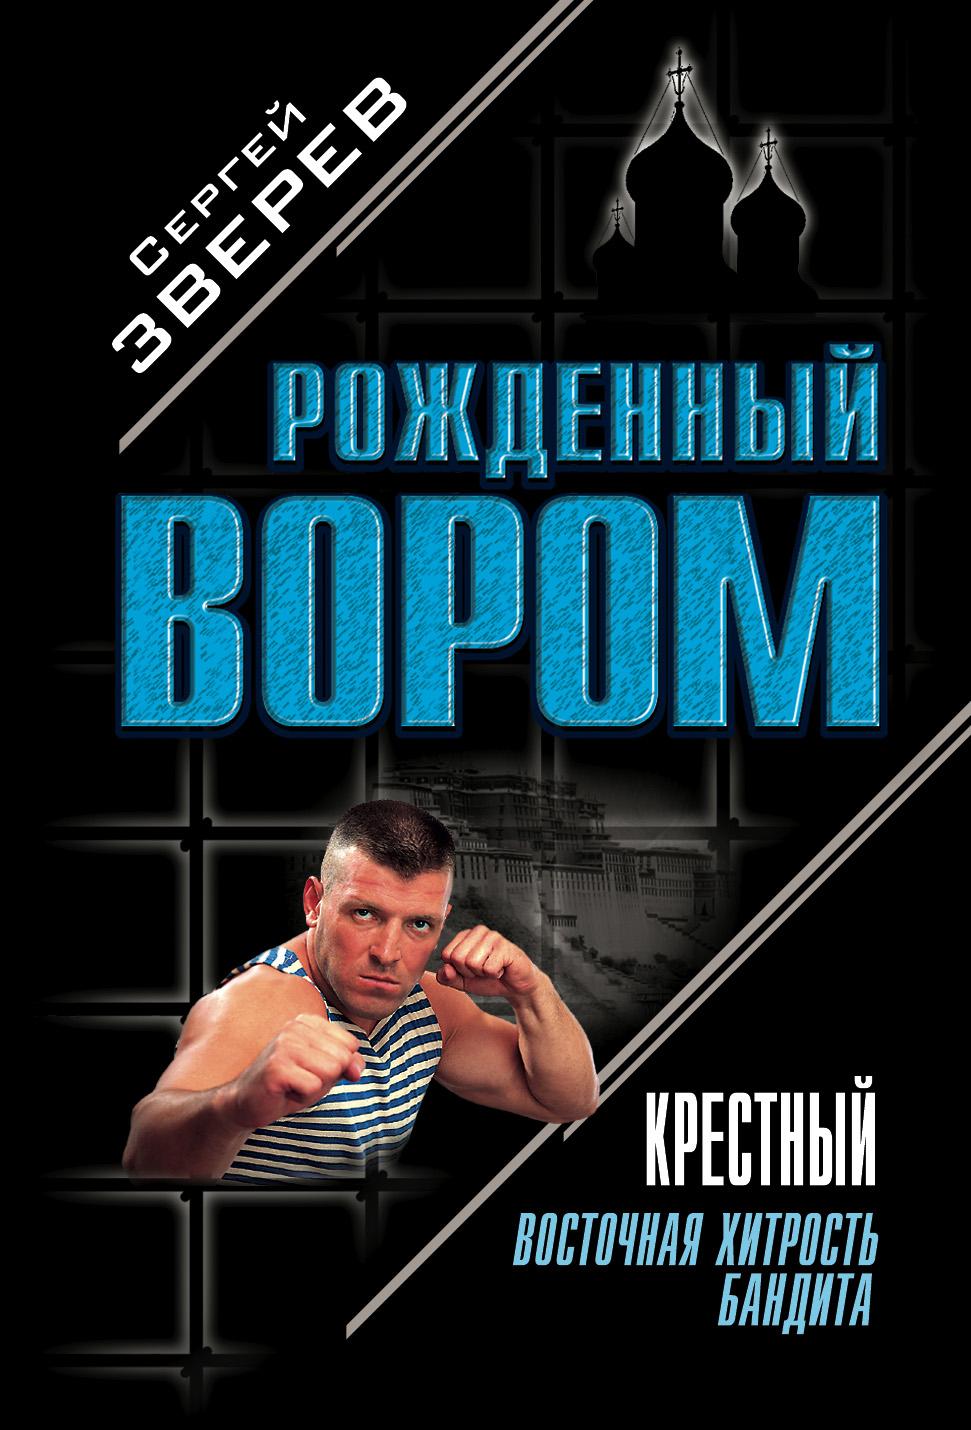 Сергей Зверев Крестный. Восточная хитрость бандита